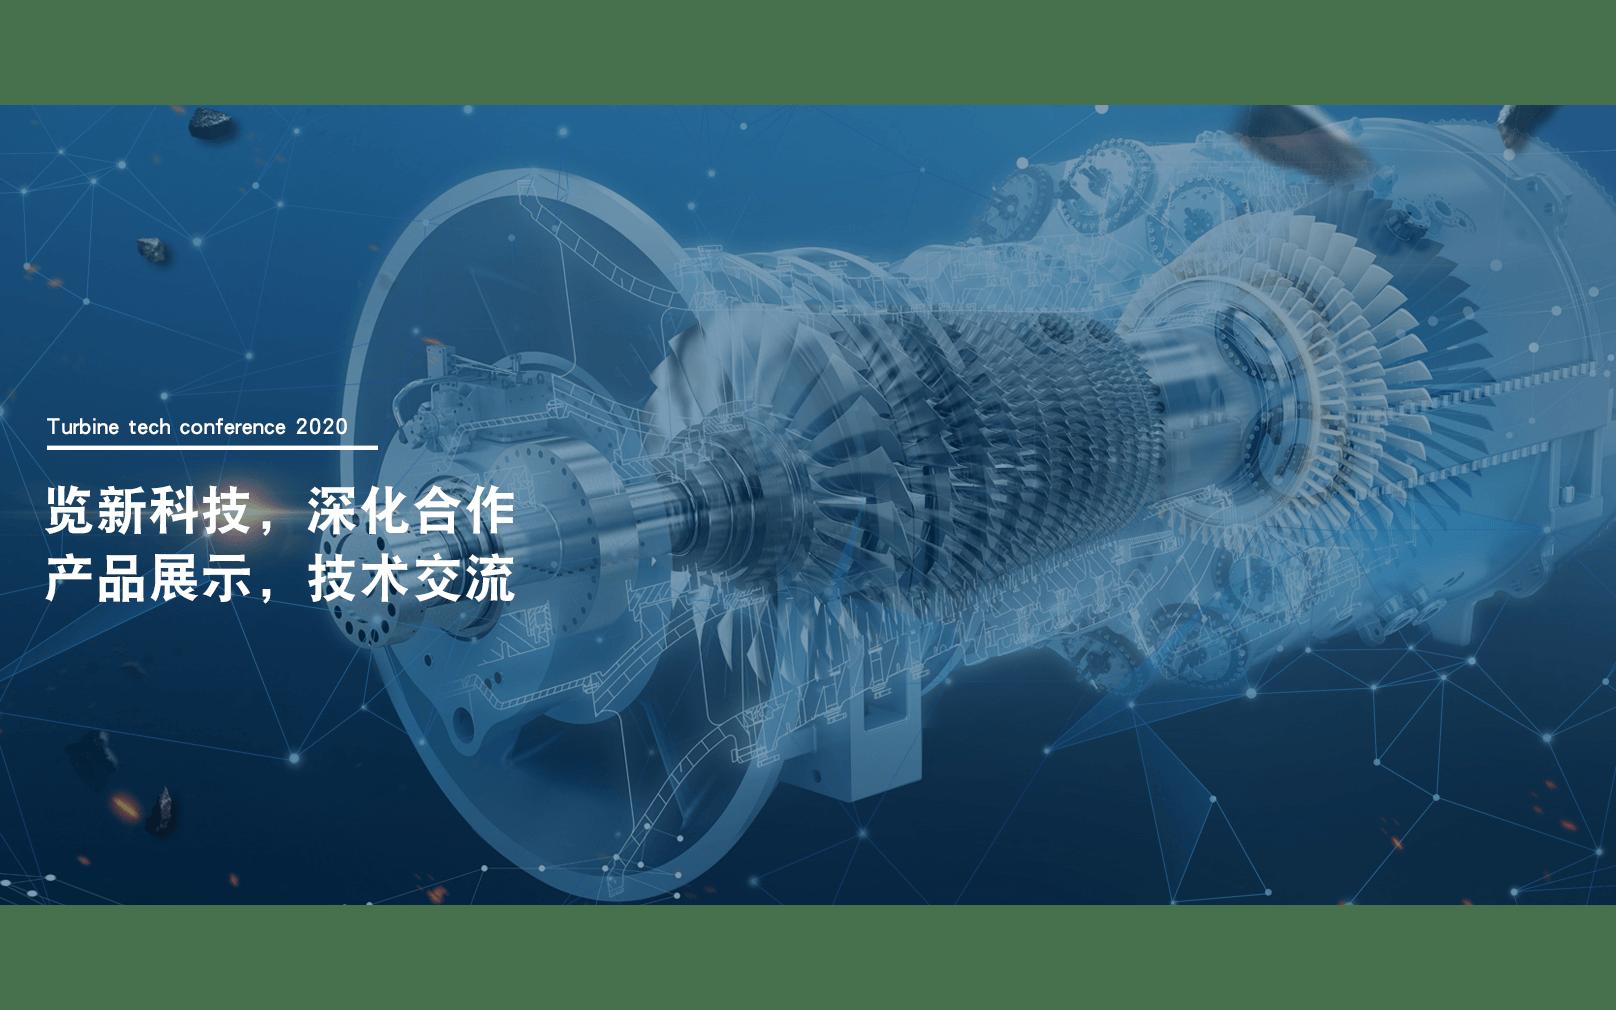 中国国际涡轮技术大会2020